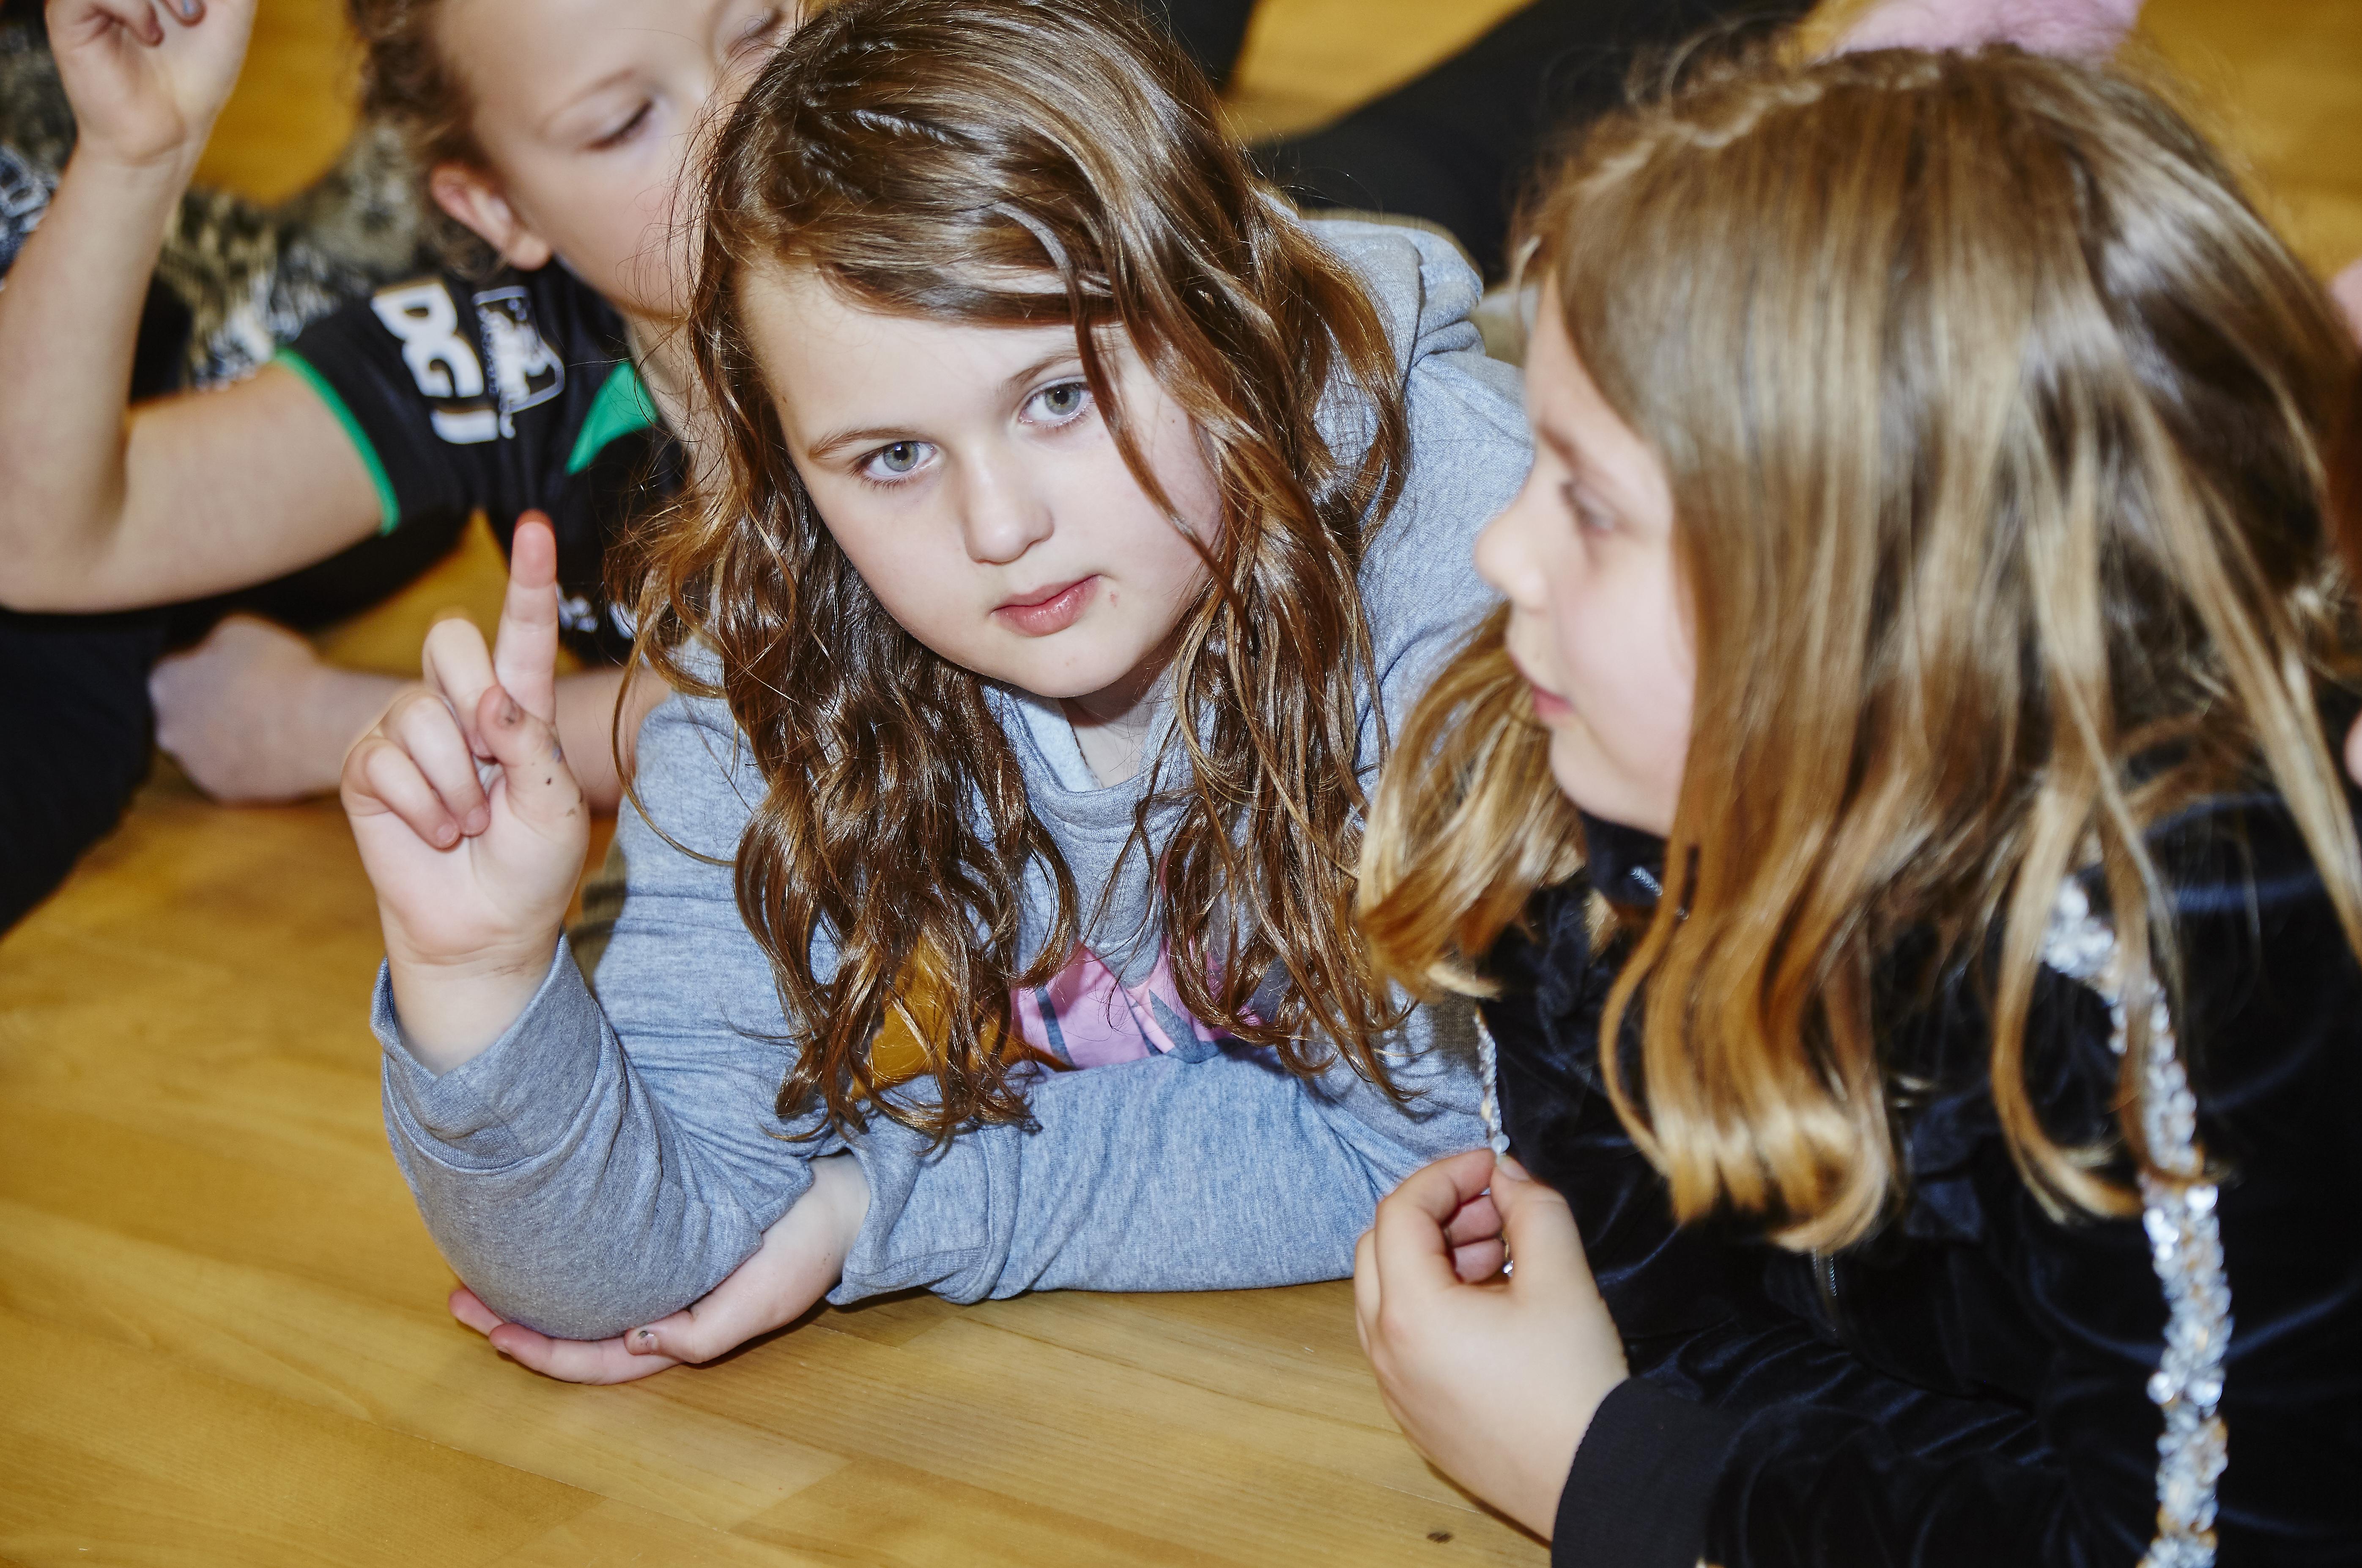 Overvægtige børn får hjælp til at finde glæden ved at bevæge sig. Formålet er, at børnene opnår en naturlig sundhed.